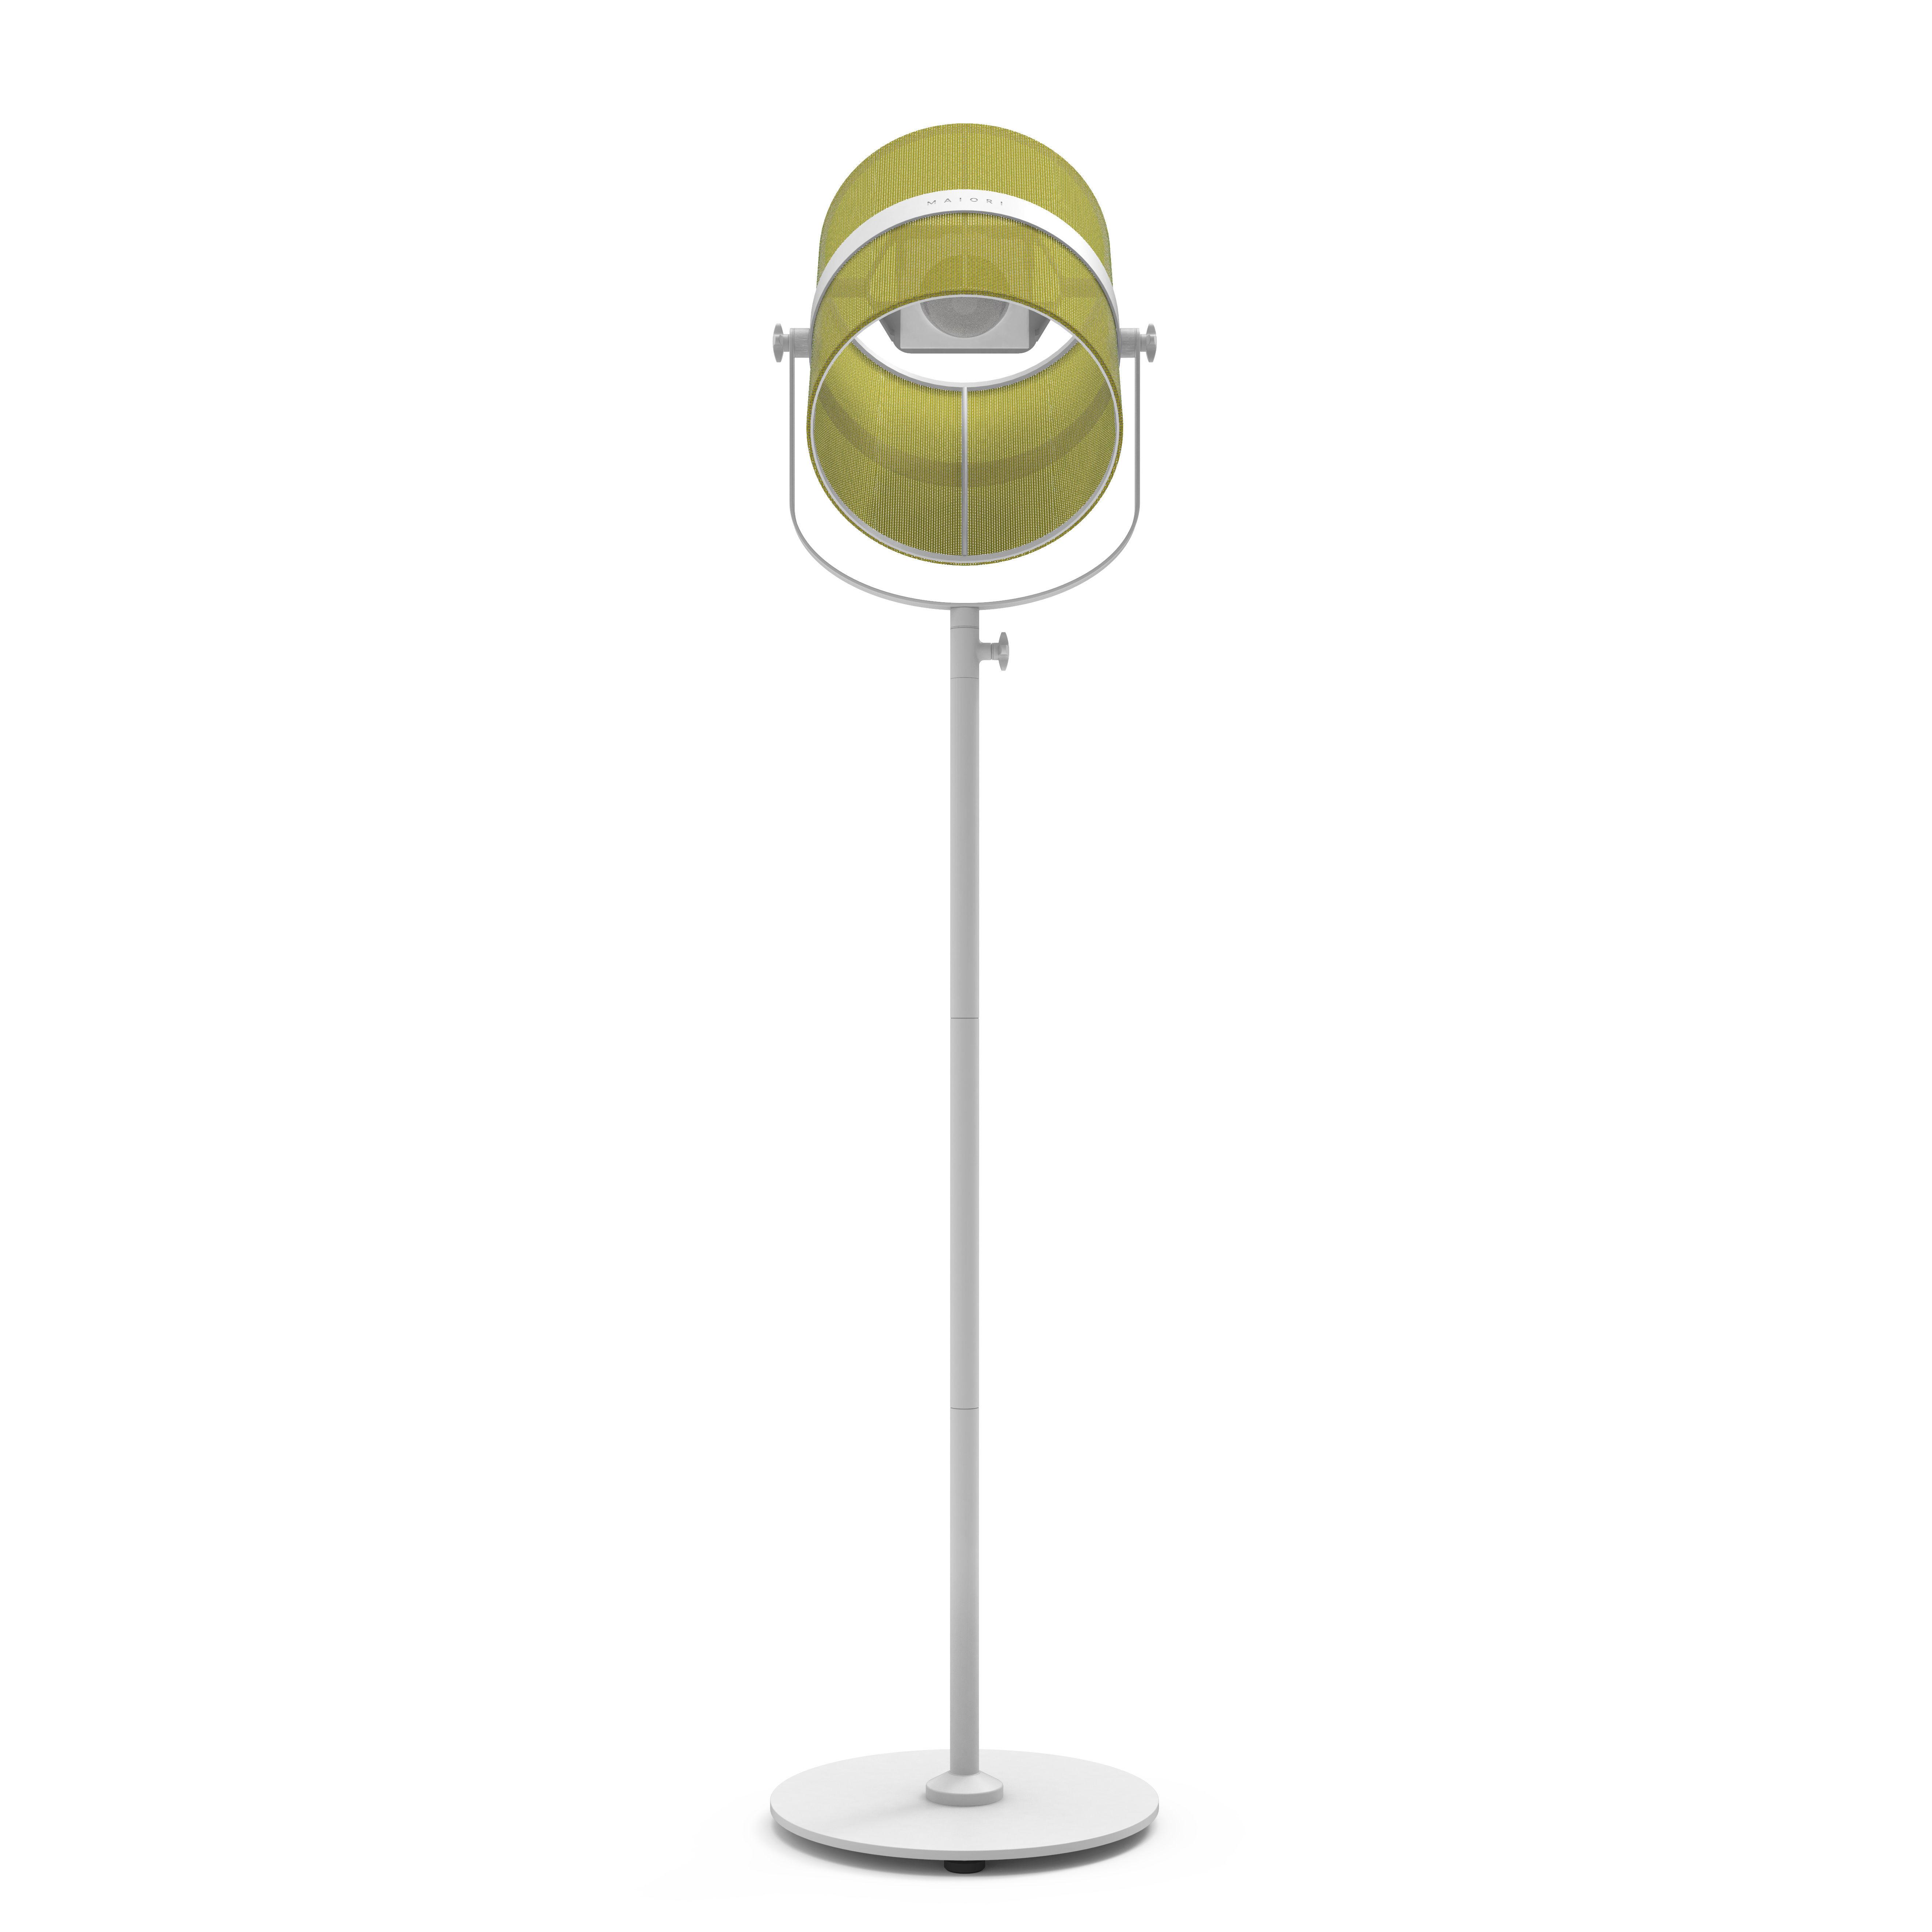 Luminaire - Lampadaires - Lampadaire solaire La Lampe Paris LED / Hybride & connectée - Maiori - Citron / Pied blanc - Aluminium peint, Tissu